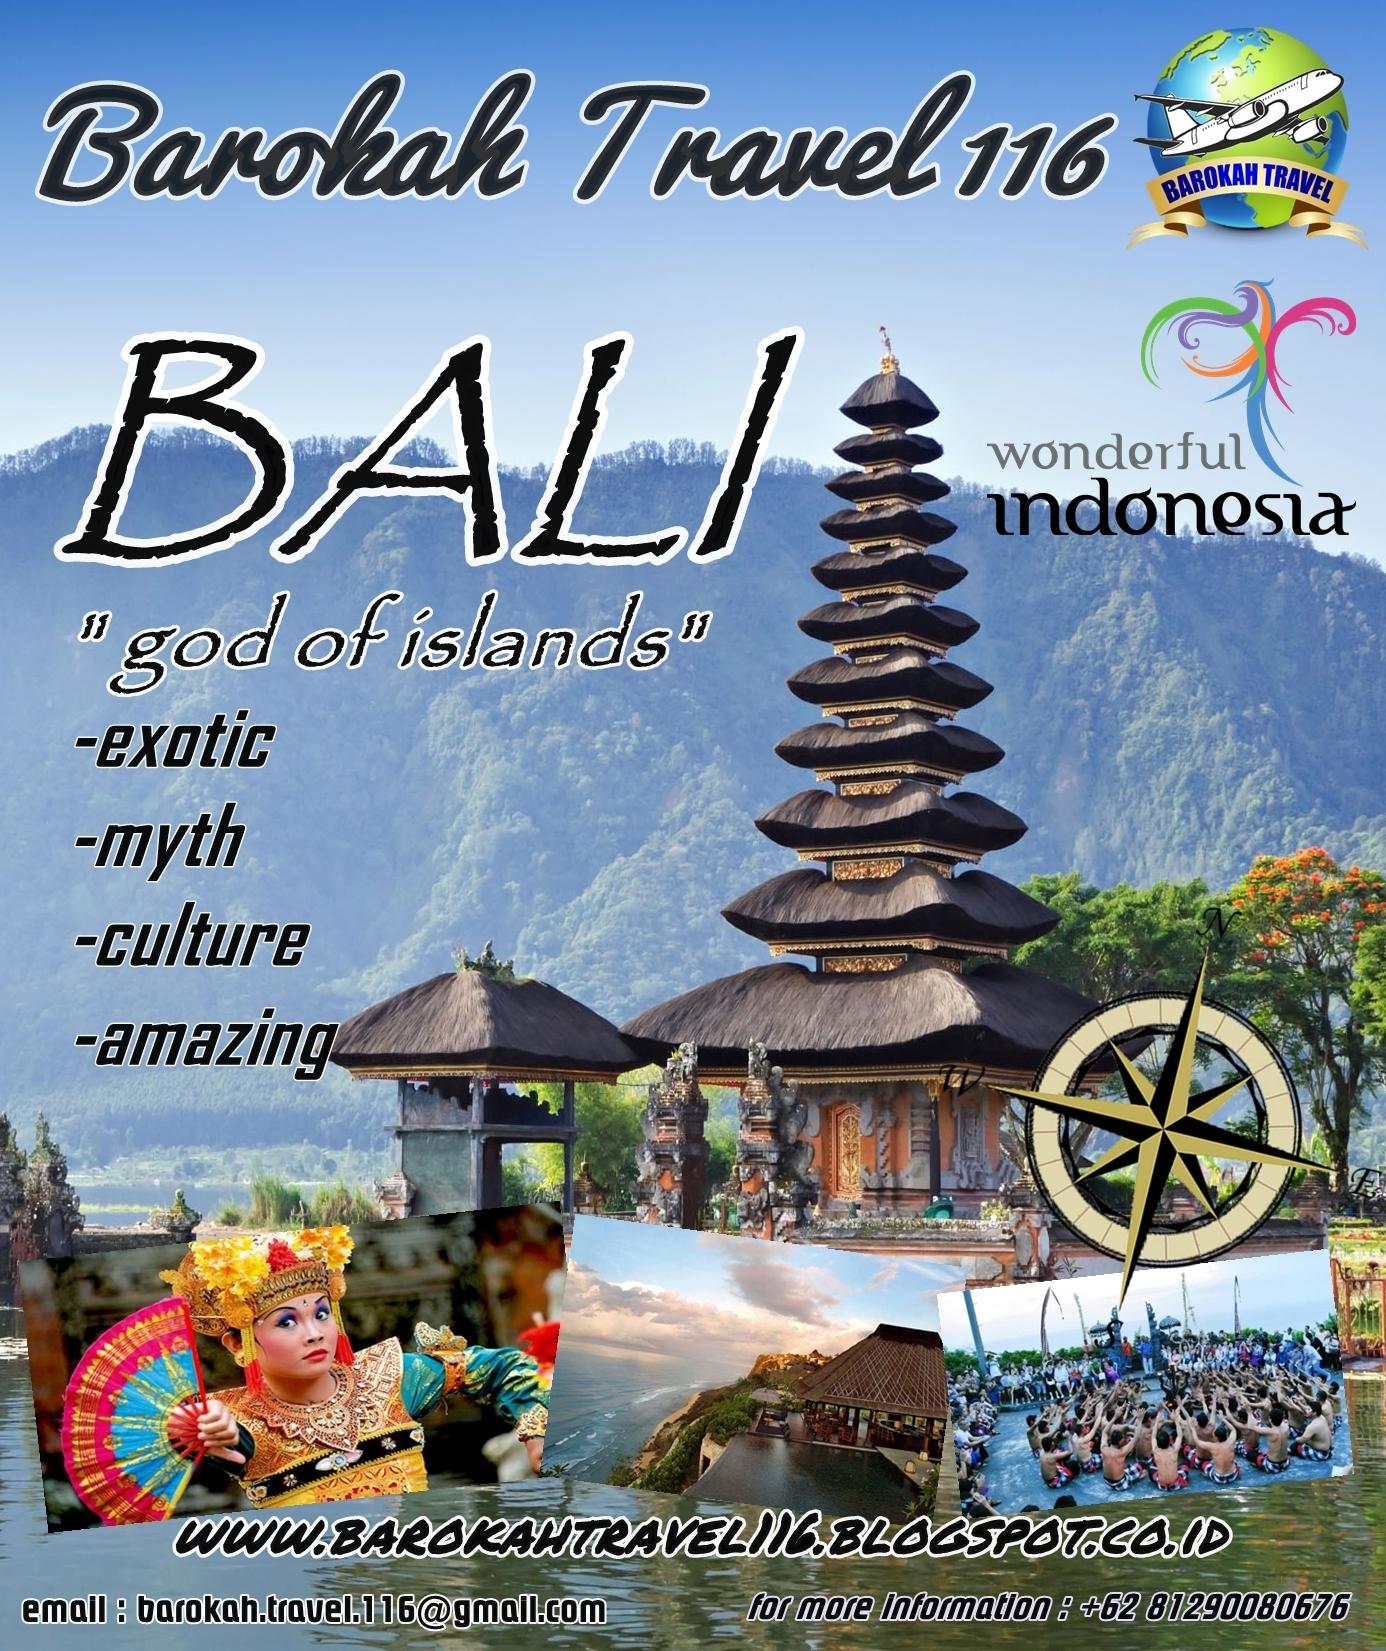 5 Hotel Terbaik Di Bali 1 1 Promosi Pasang Iklan Gratis